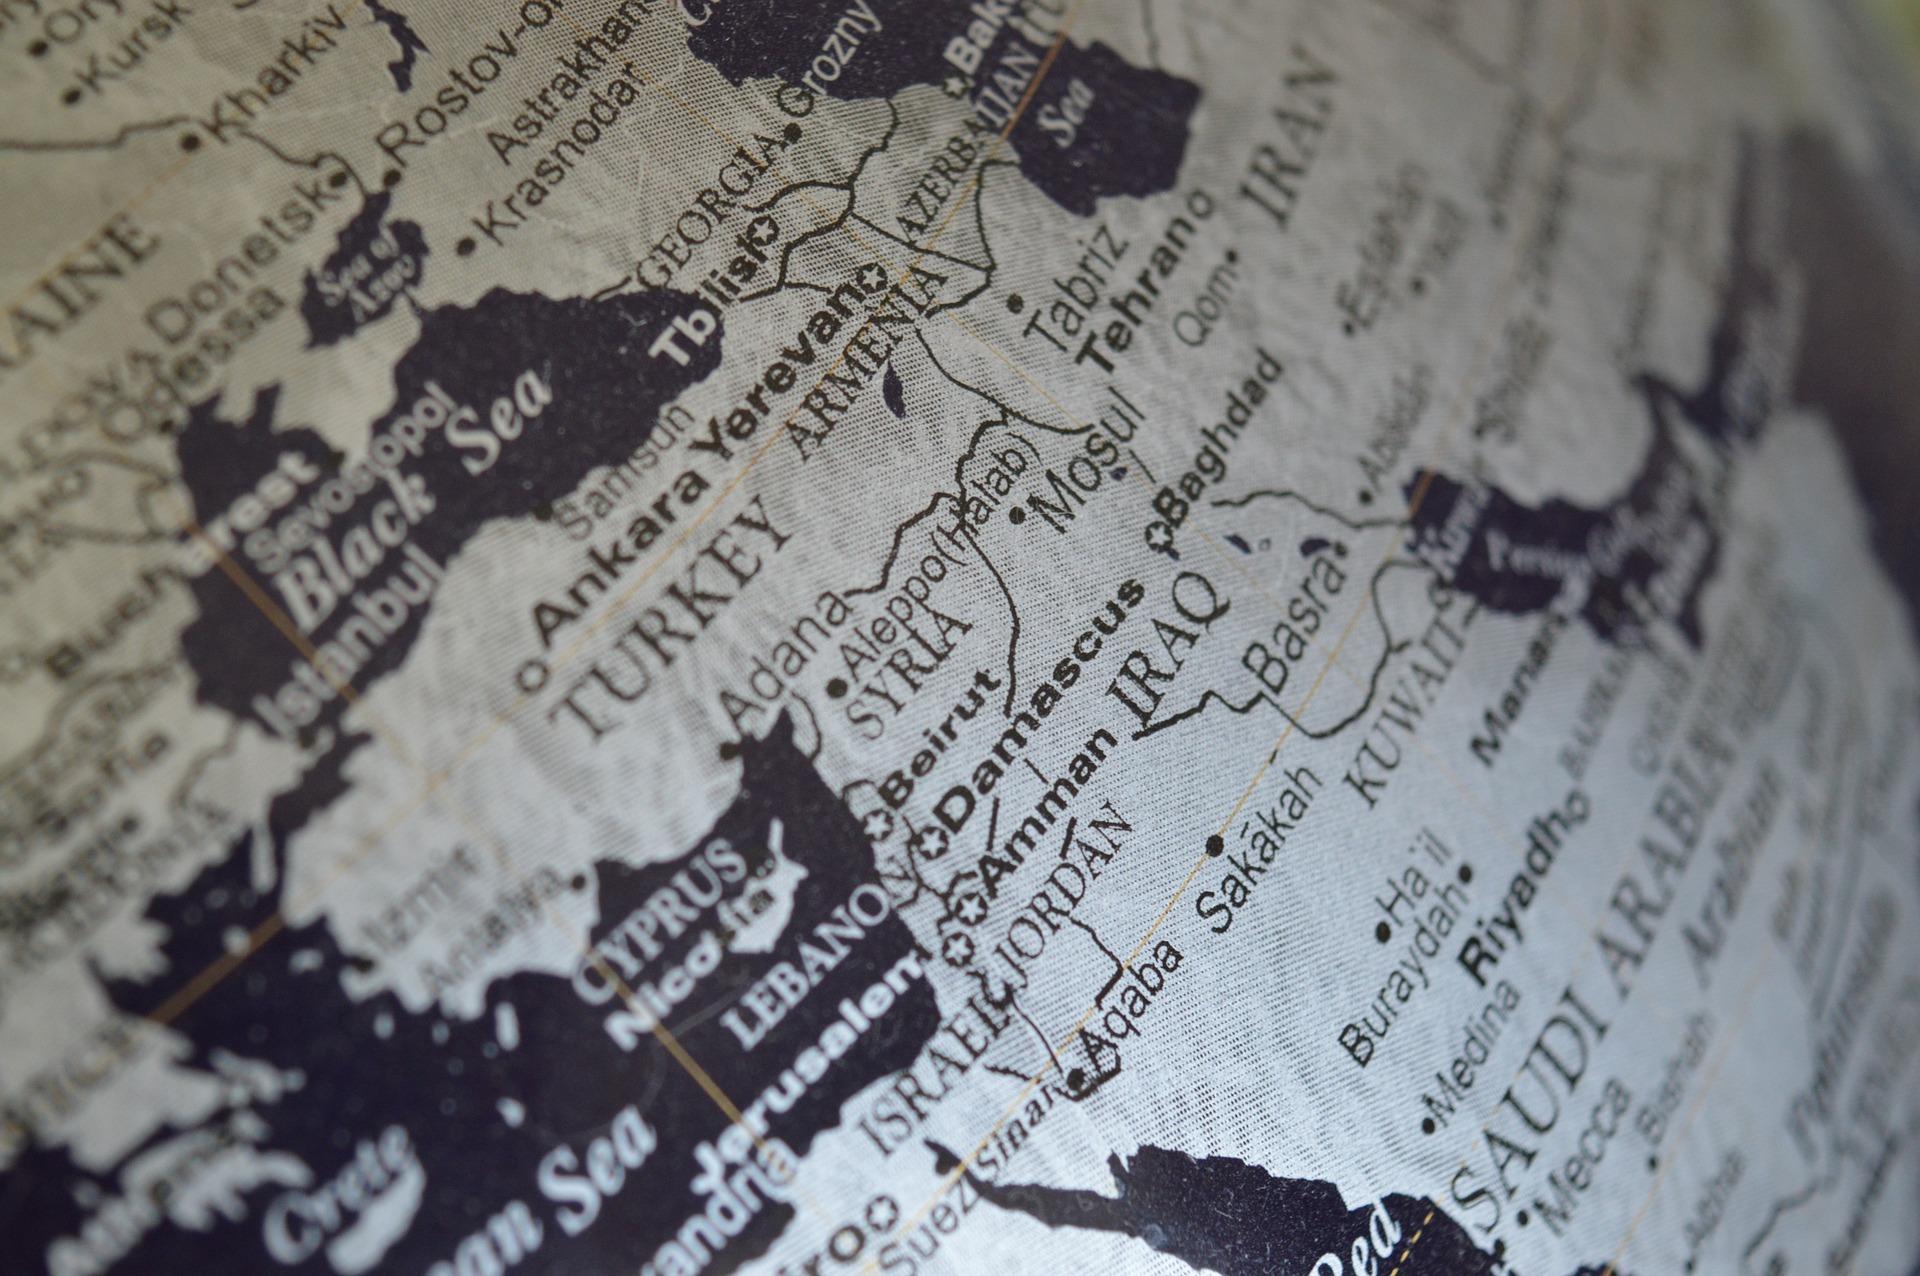 SELEFİLİK –İSLAMÎ KÖKTENCİLİĞİN TARİHİ TEMELLERİ-  ADLI ESERİN DEĞERLENDİRMESİ